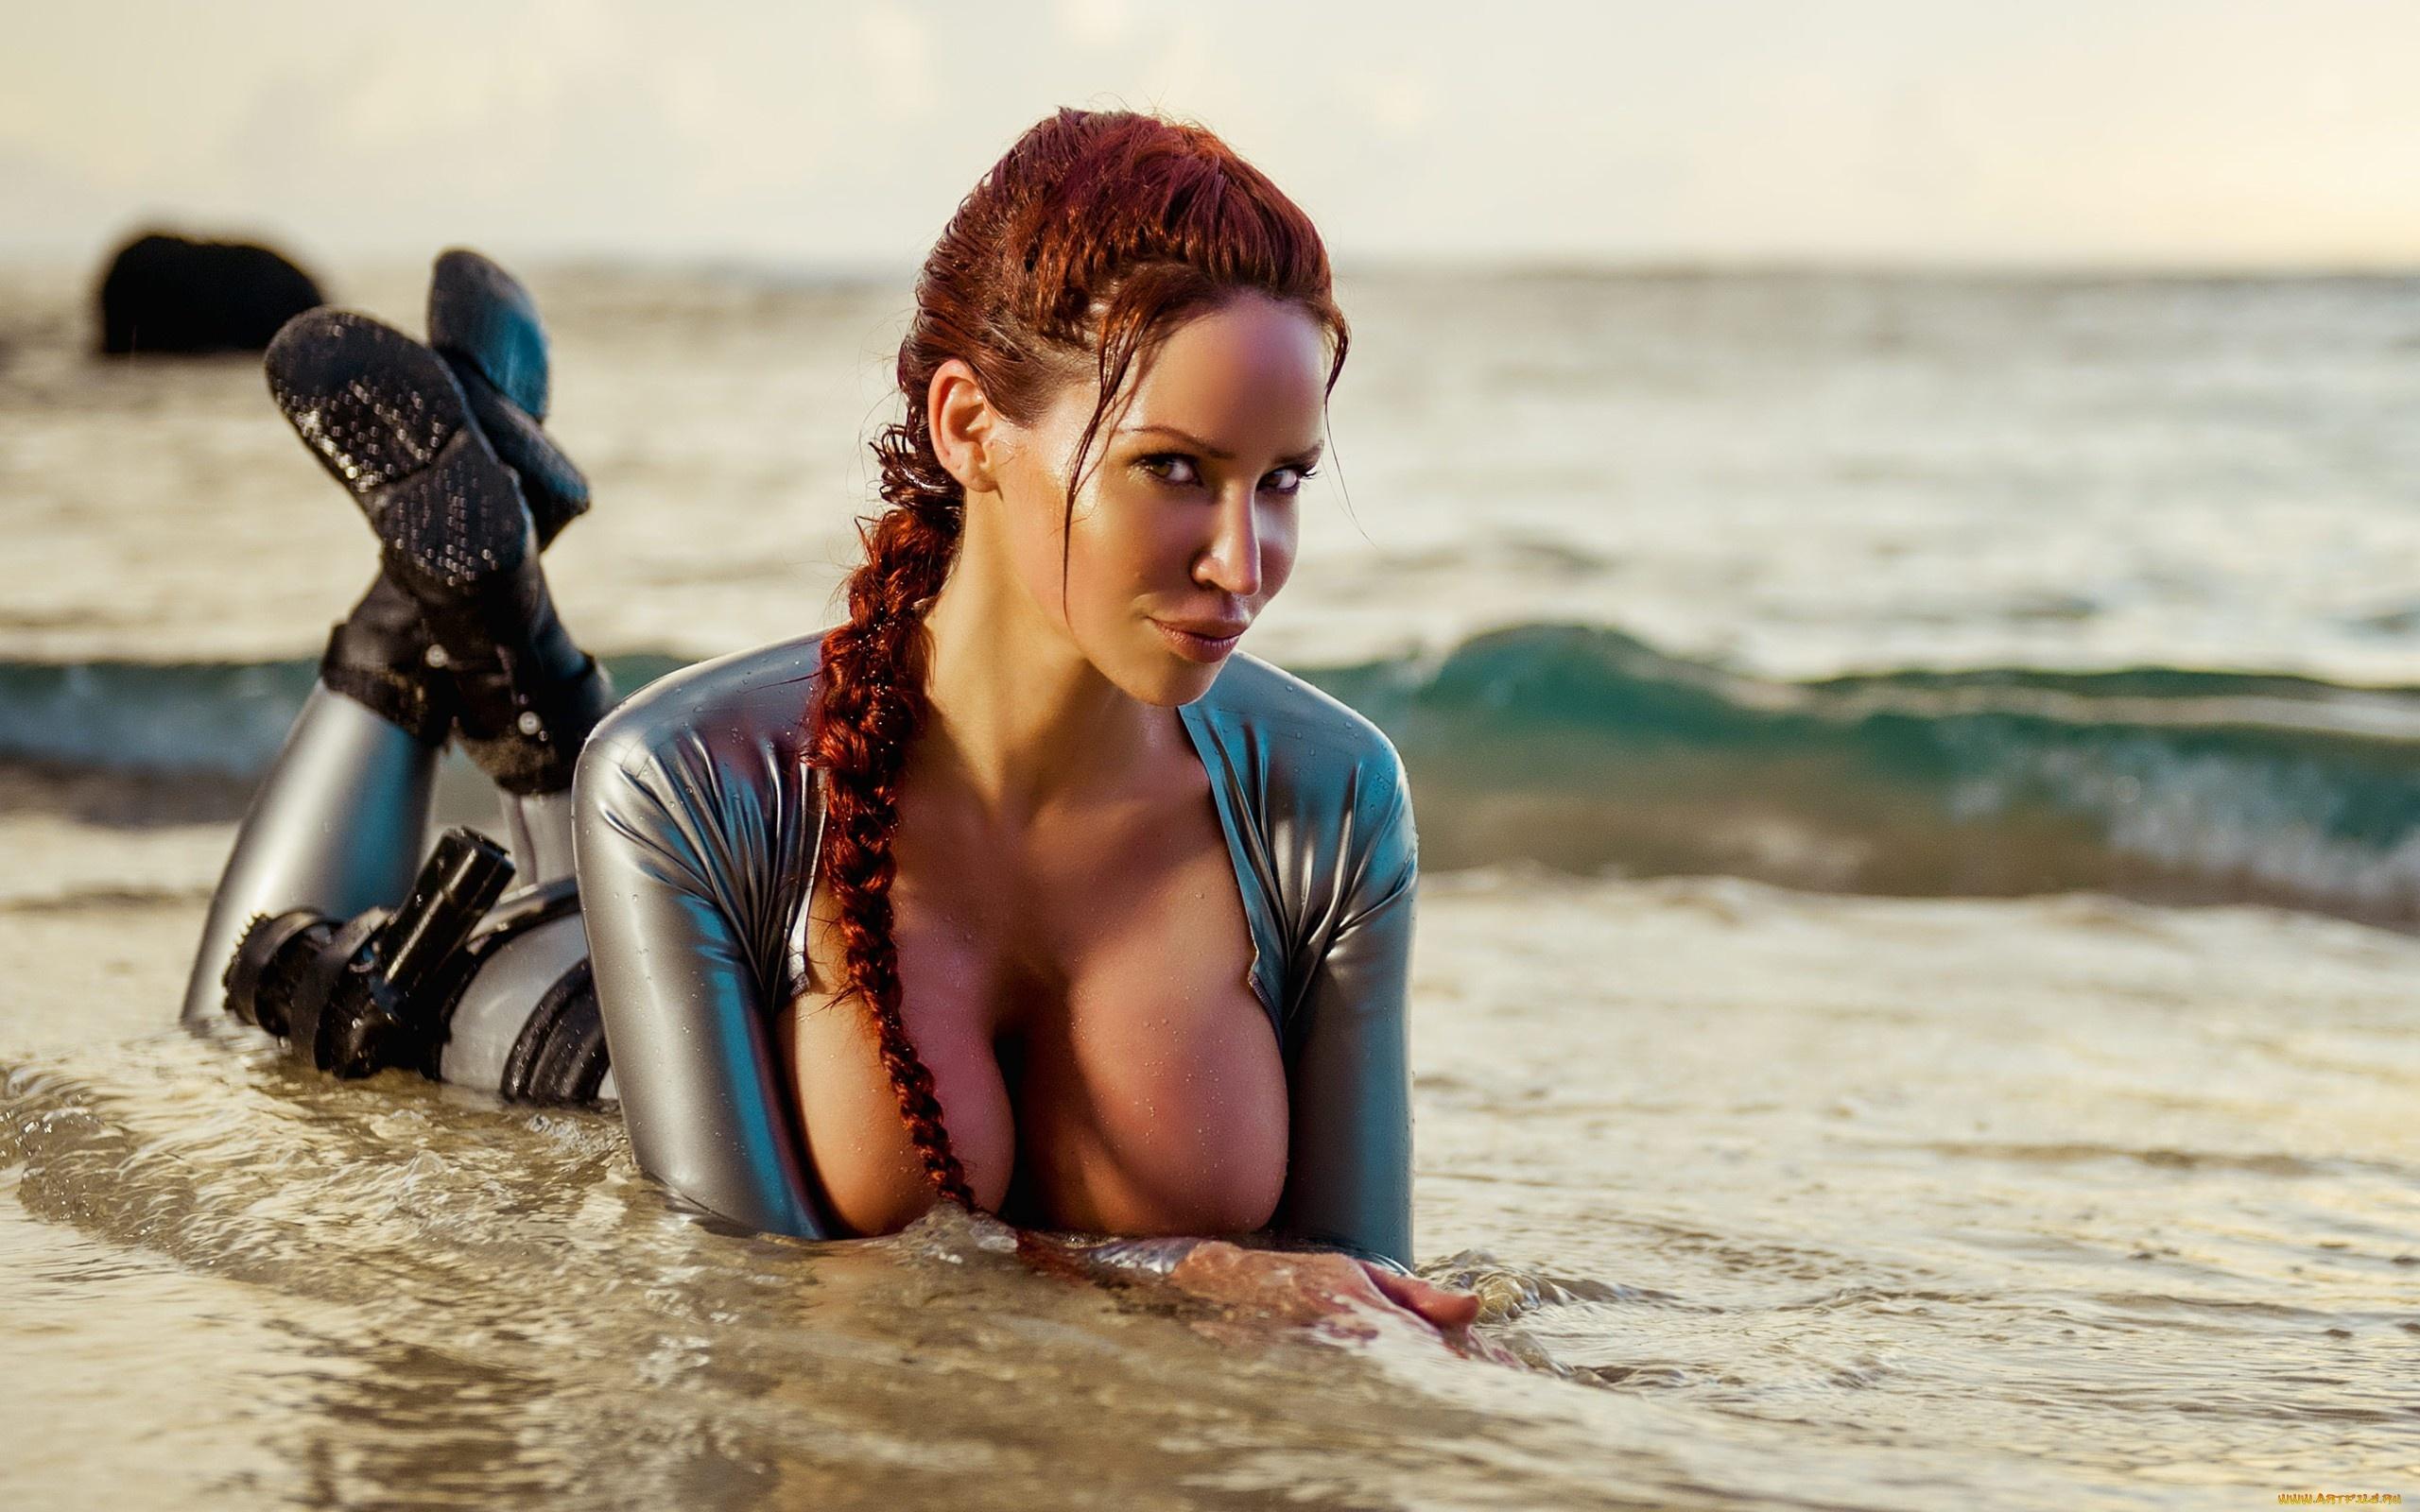 max-nude-tomb-raider-big-boobs-porn-jasmine-nude